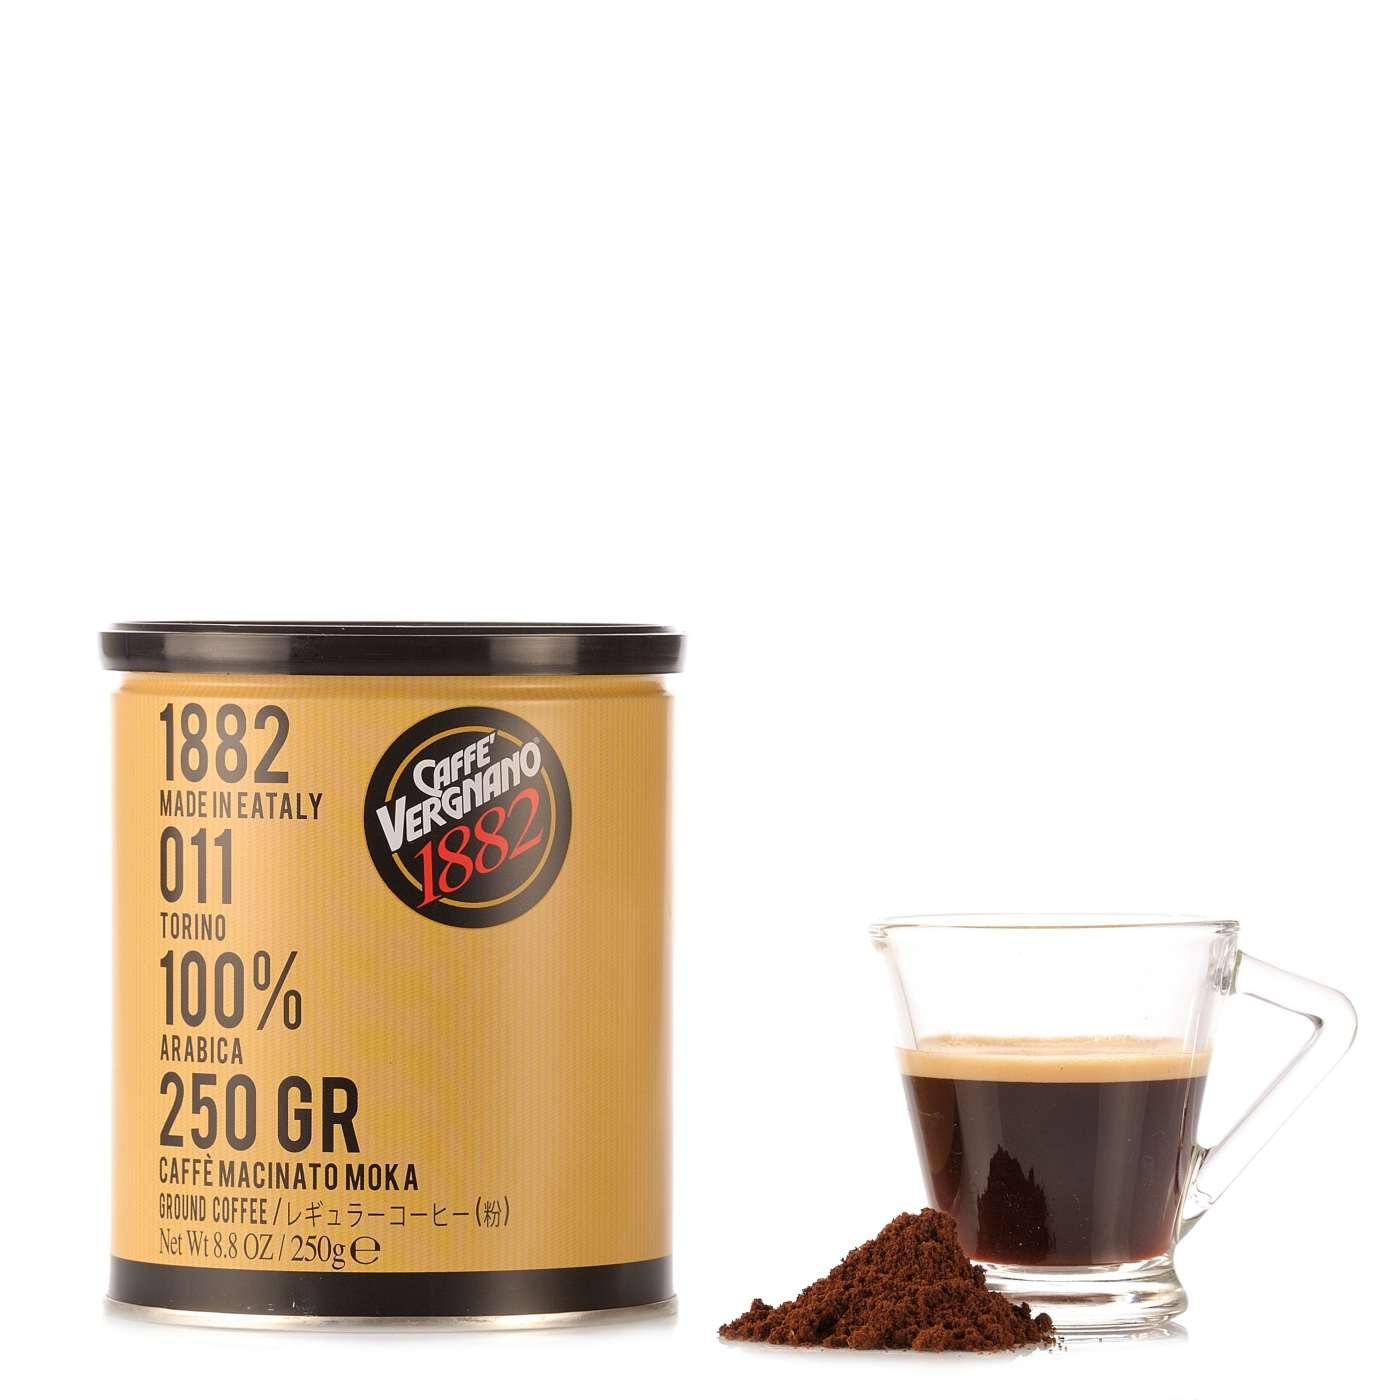 Vergnano Caffè 100% Arabica 250g